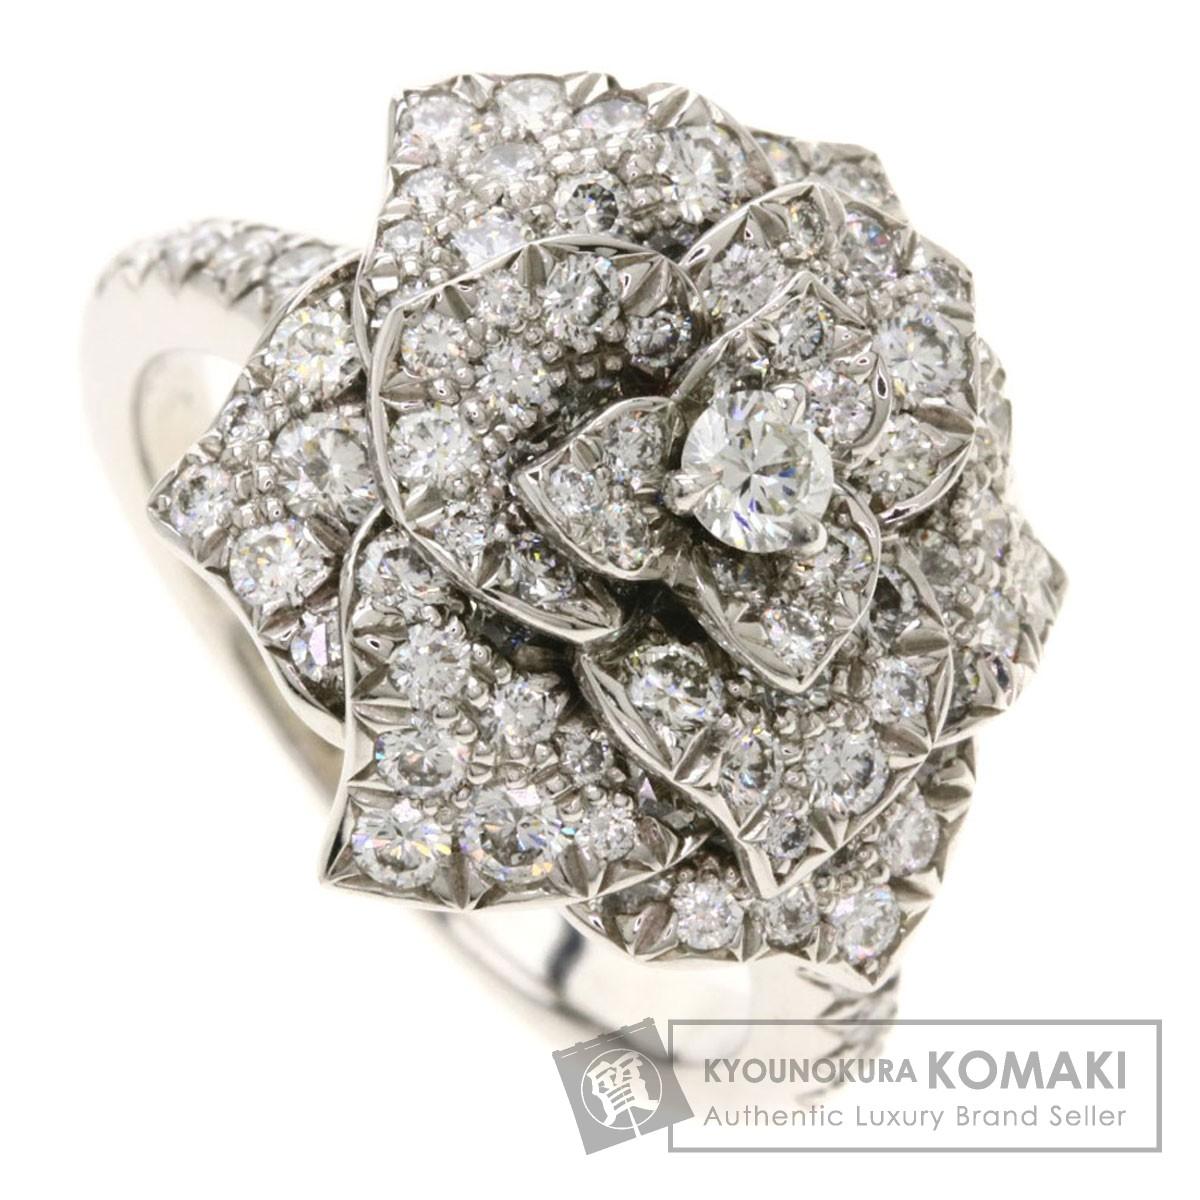 ピアジェ ローズリング #51 リング・指輪 K18ホワイトゴールド レディース 【中古】【PIAGET】